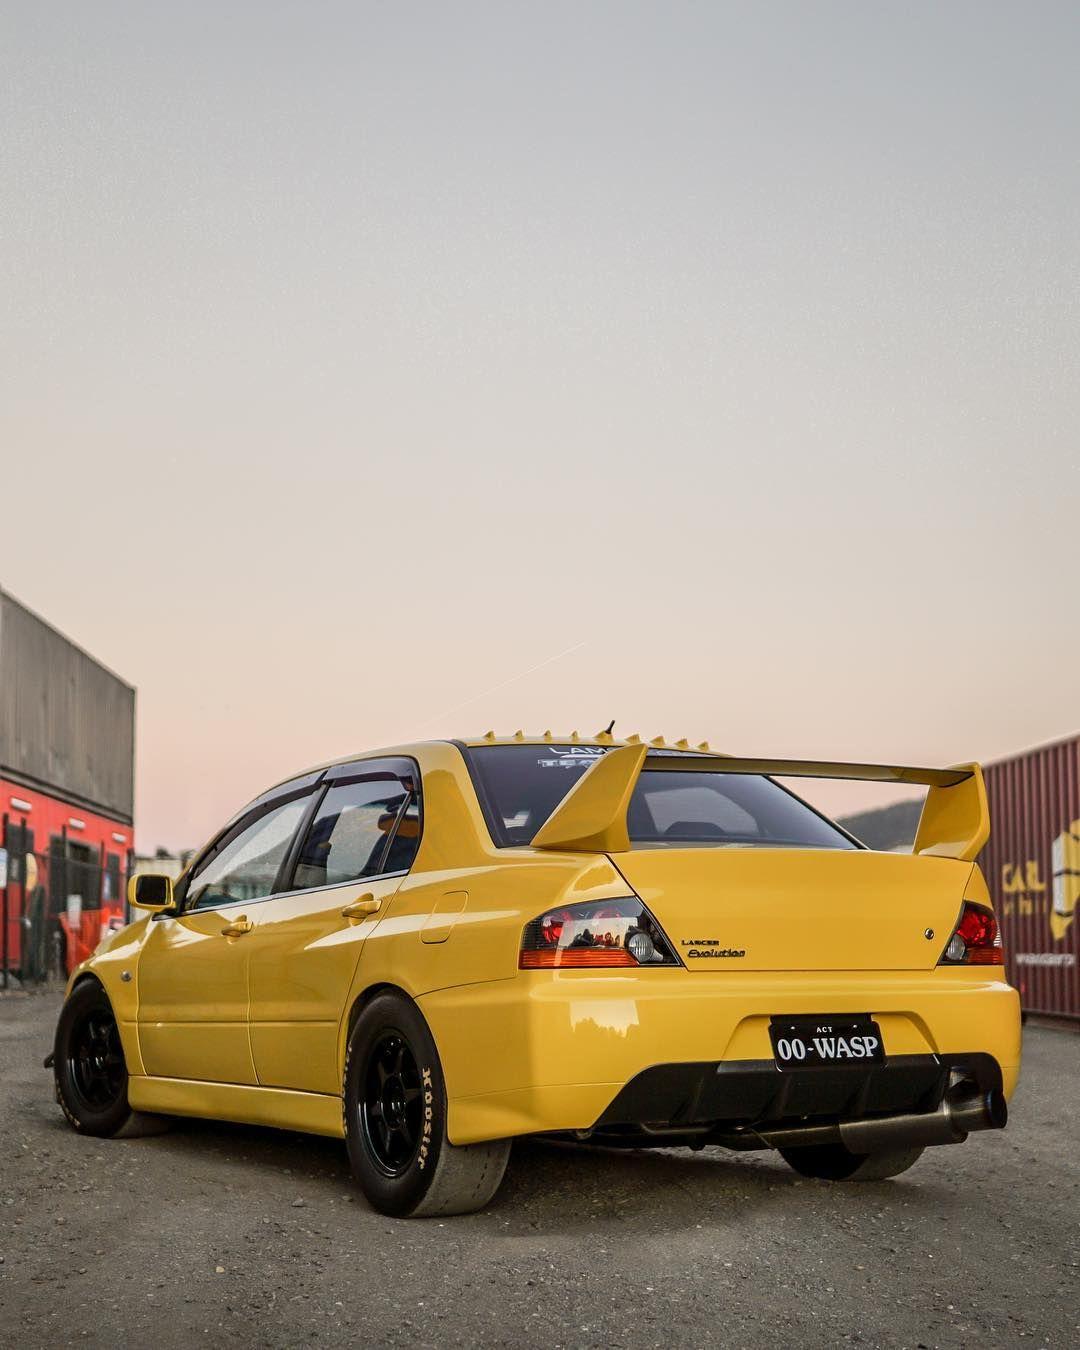 Mitsubishi Lancer Evo 8 Wallpaper: #evo #evogram #thelowdown #downshiftaus #divisionone